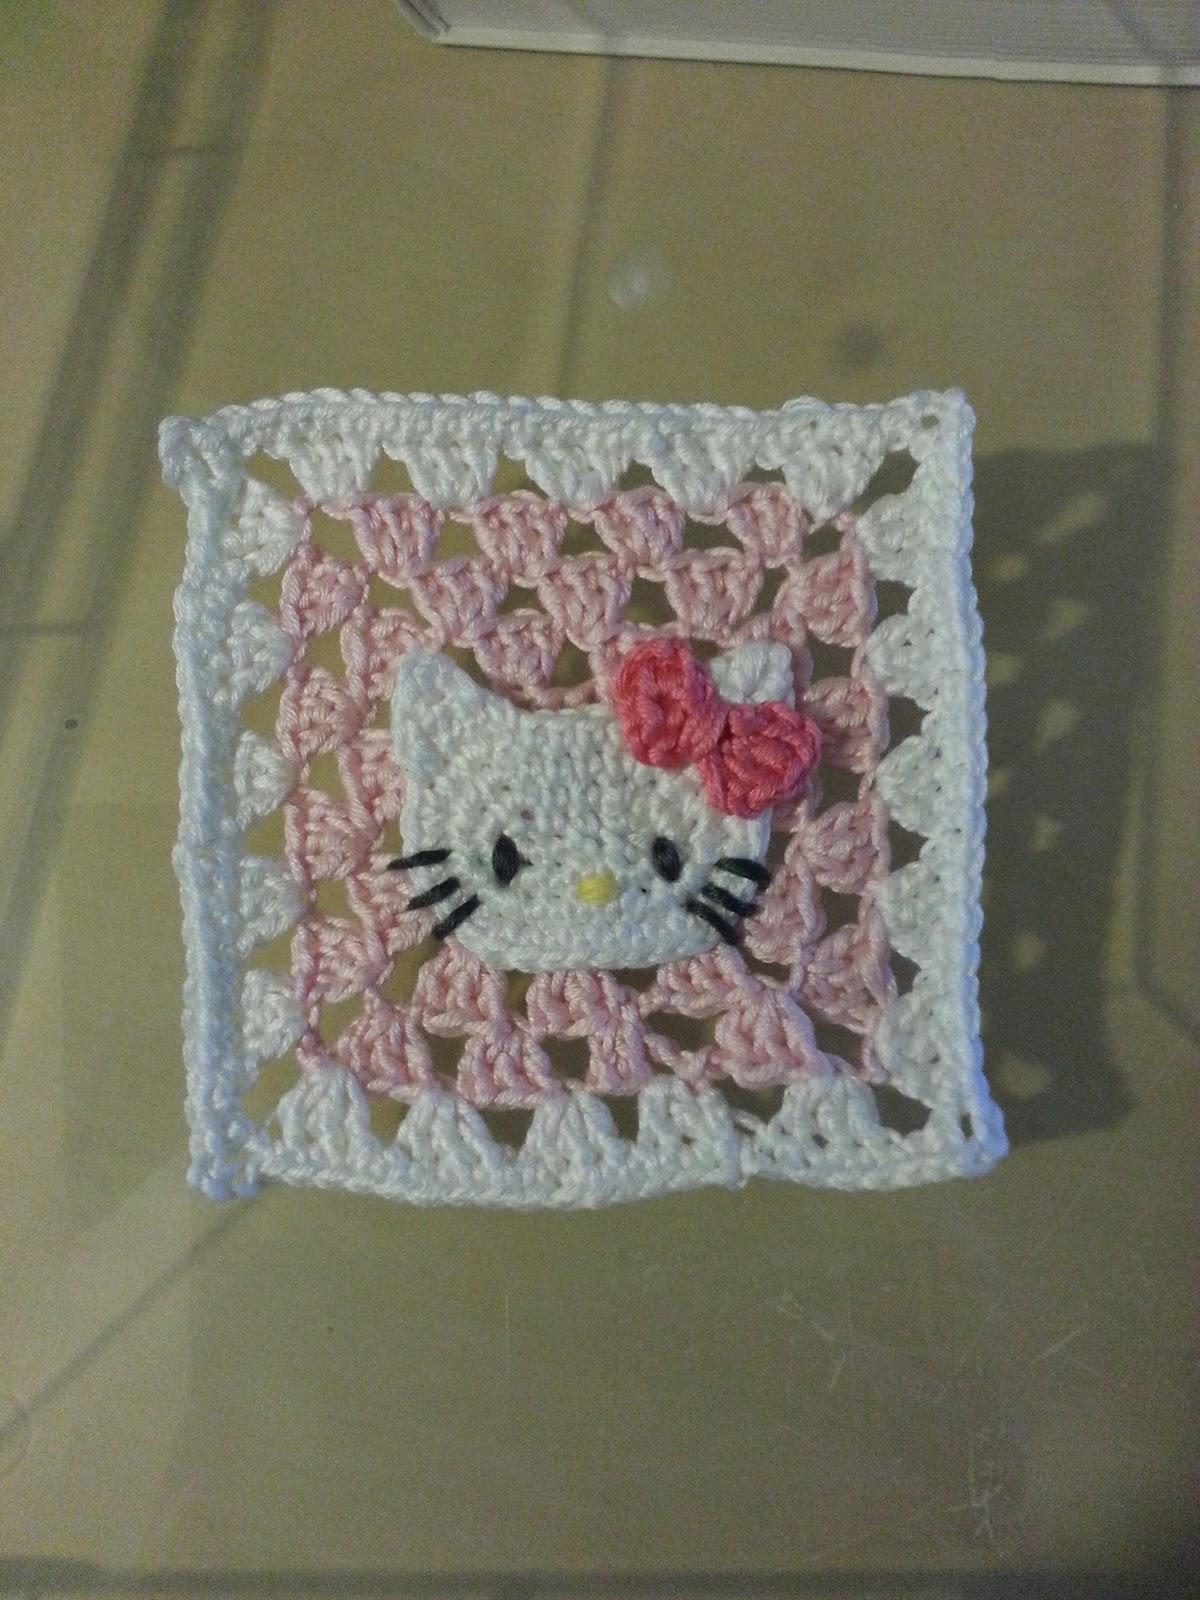 Hello Kitty Dishcloth Knitting Pattern : Colourjoyful: Crochet Project #3: Hello Kitty Coaster